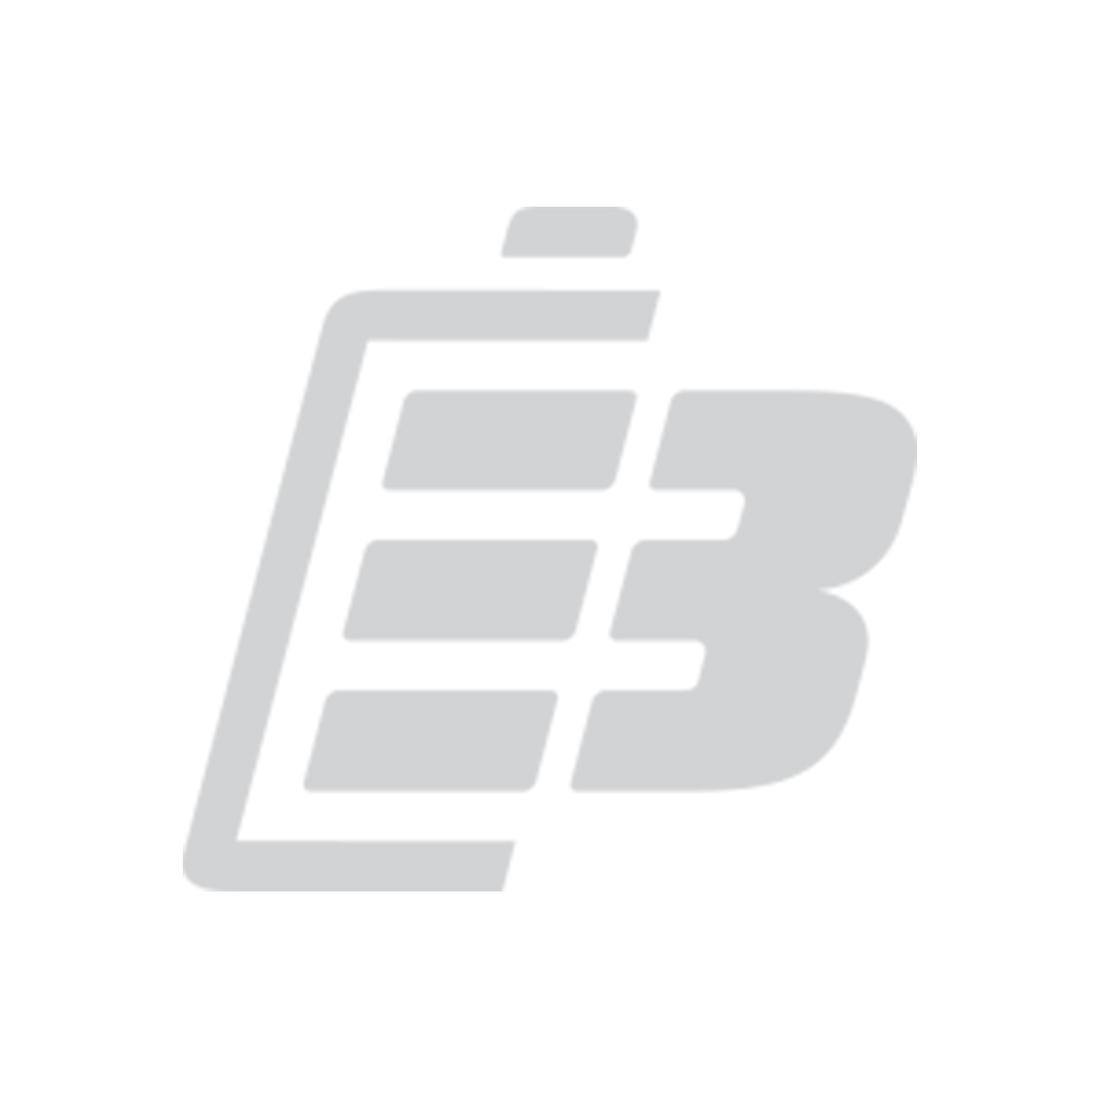 Μπαταρία GPS Mitac Mio Moov 400_1